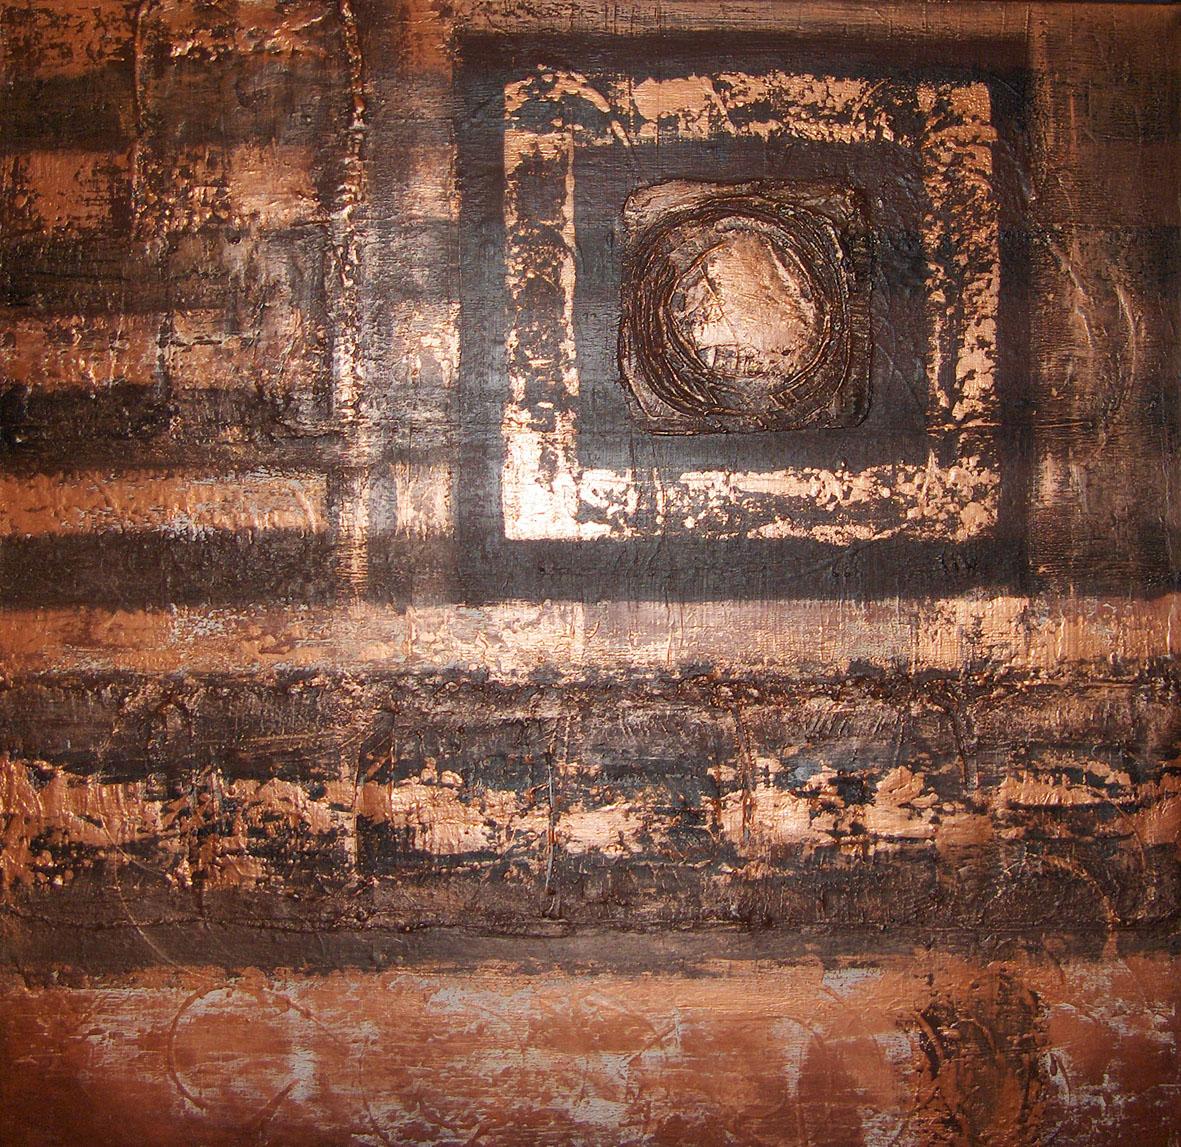 1m-x-1m-kobber-1-2007 SOLD